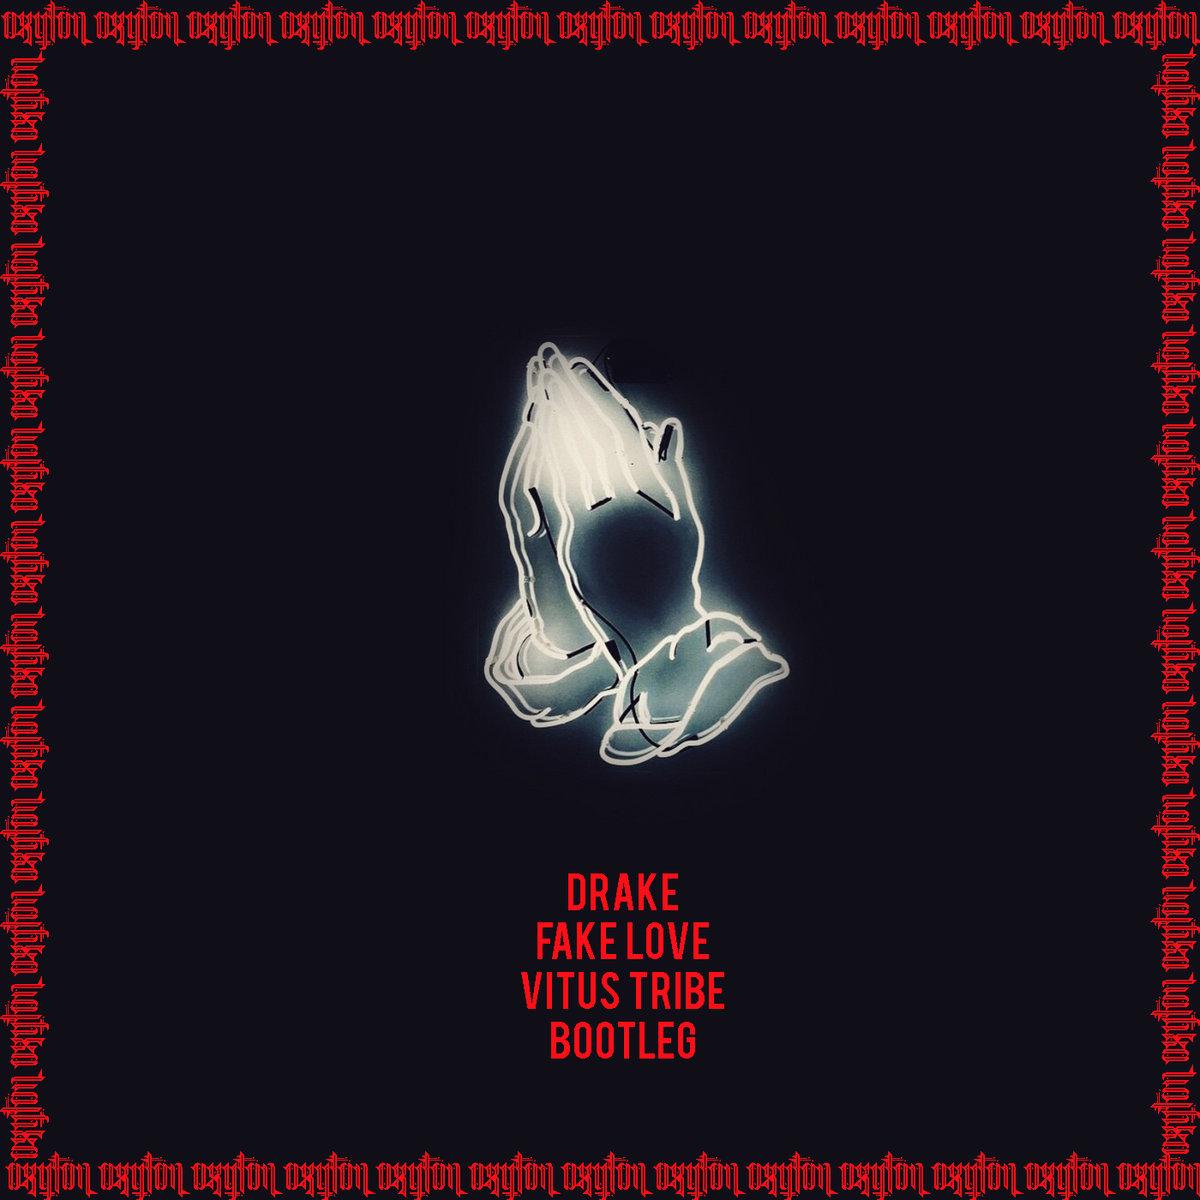 Drake - Fake Love [Vitus Tribe Bootleg]